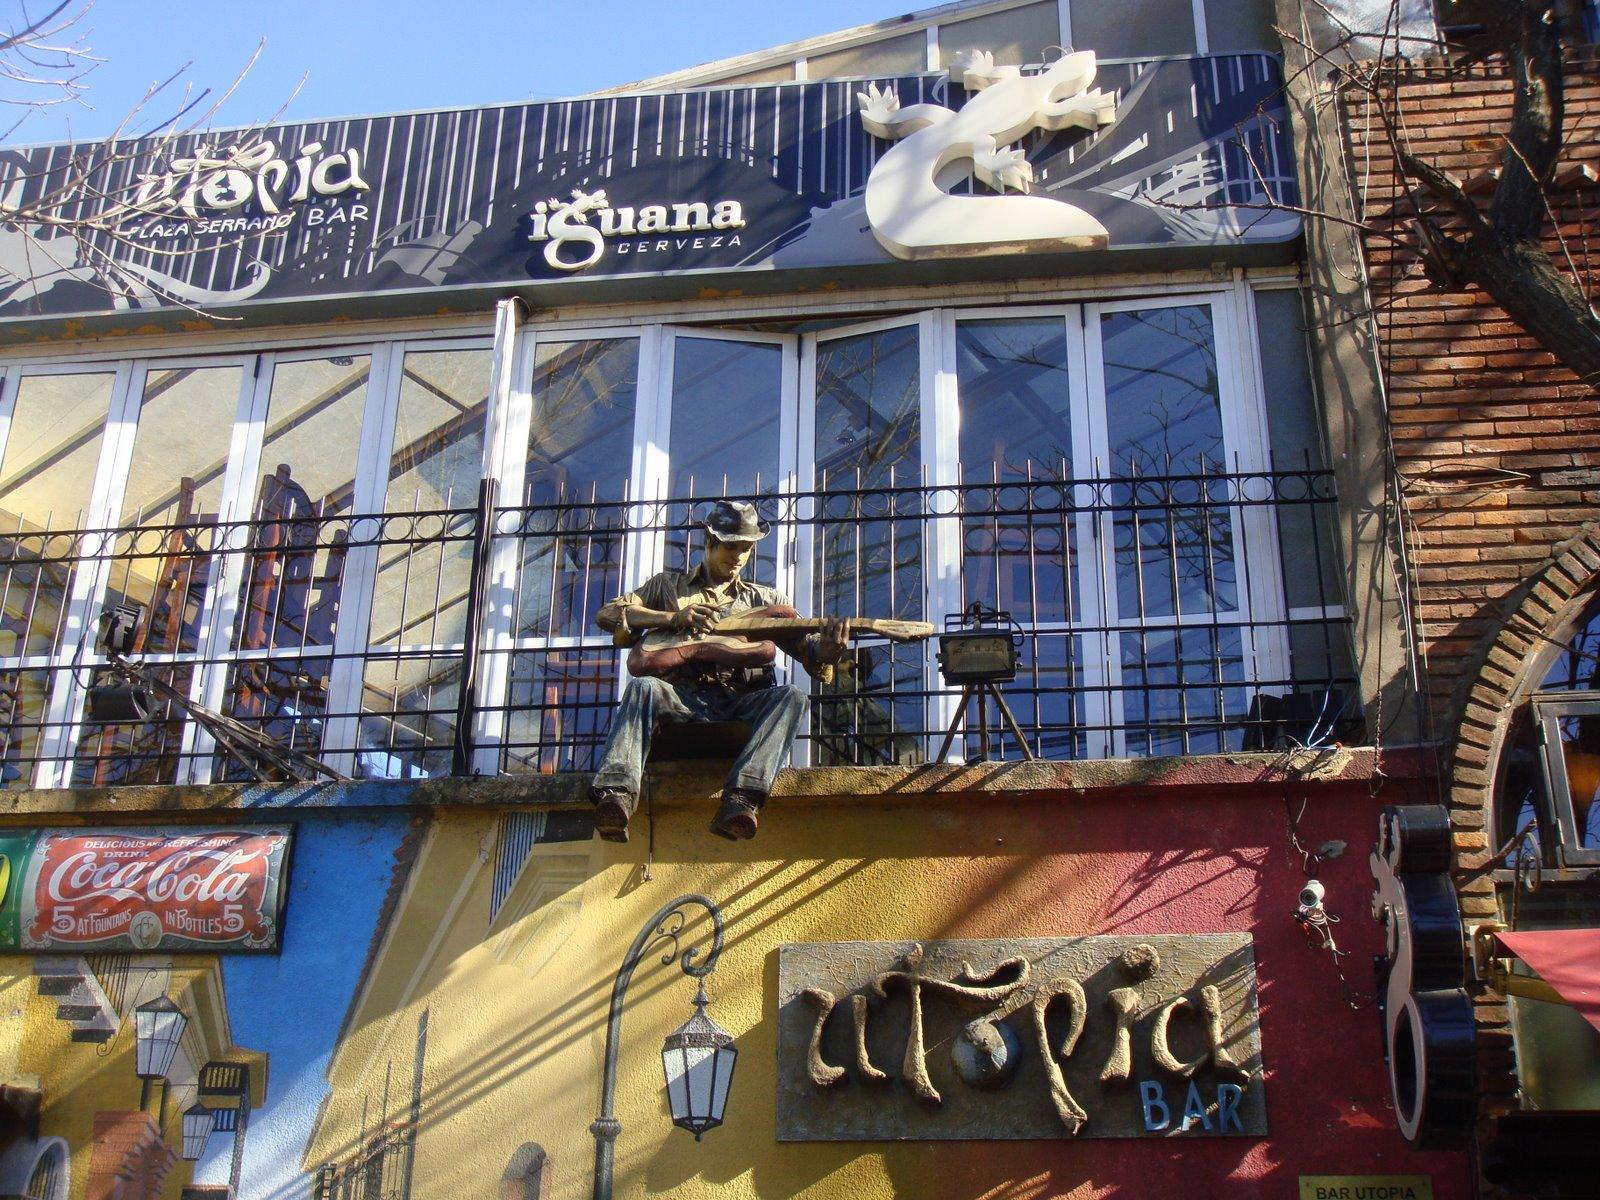 En este momento estás viendo Postales de Buenos Aires: Palermo Viejo